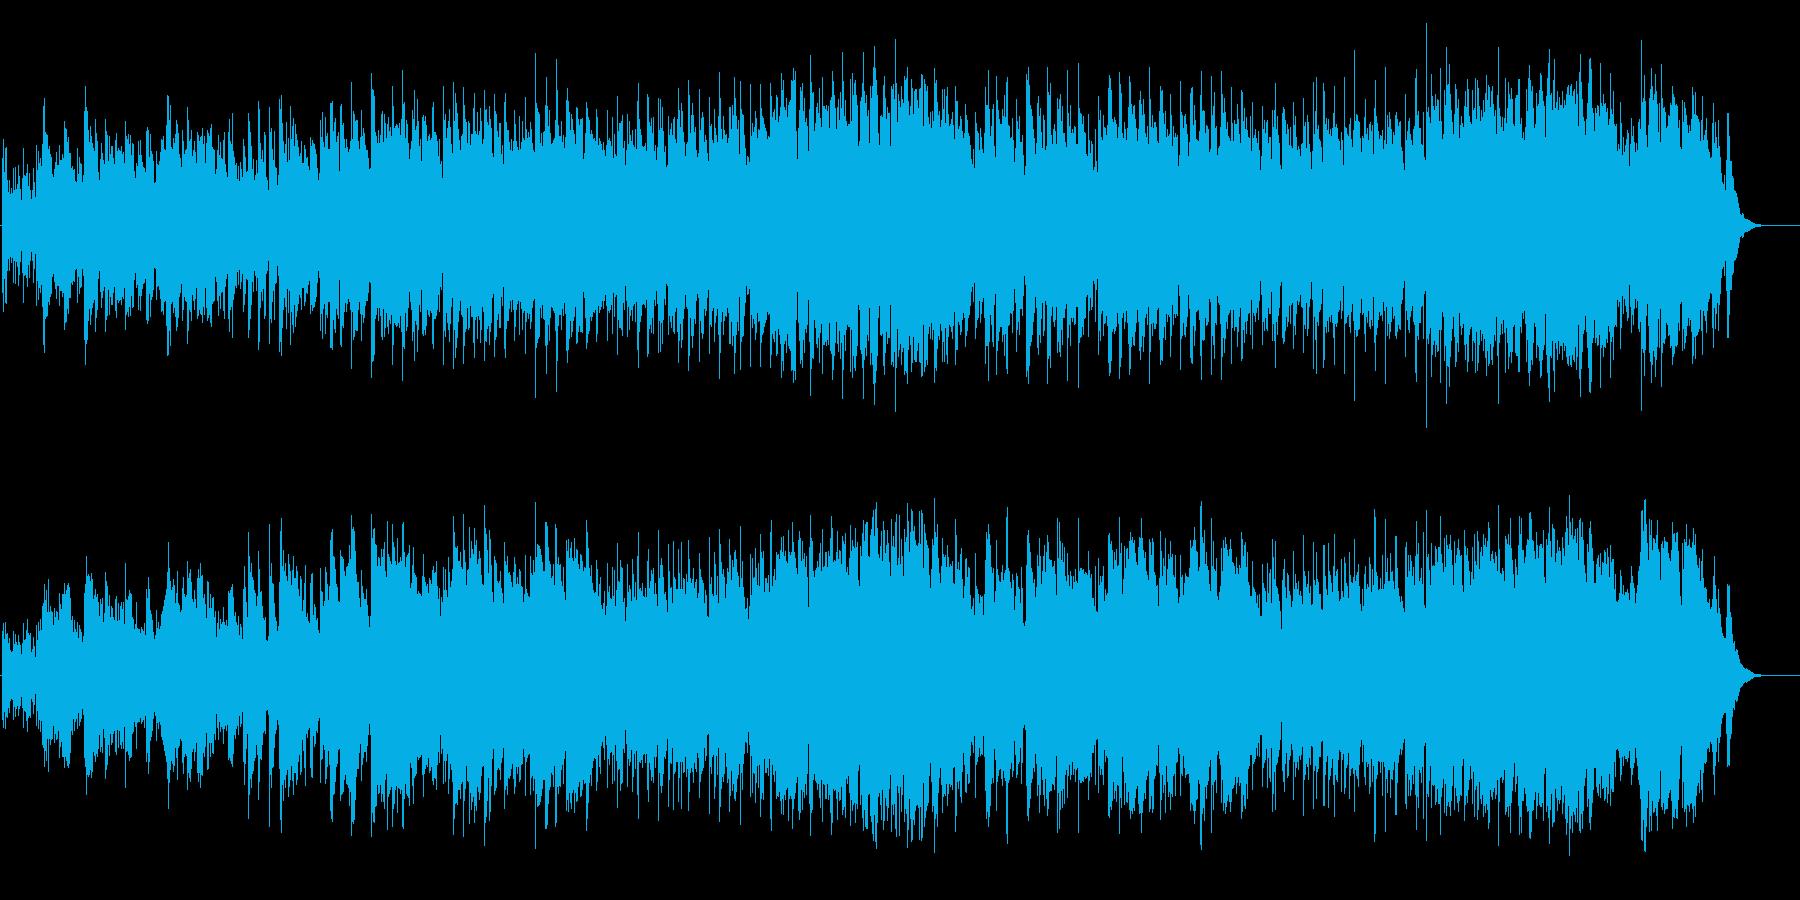 夕暮れ時ののどかで人間味溢れるBGMの再生済みの波形